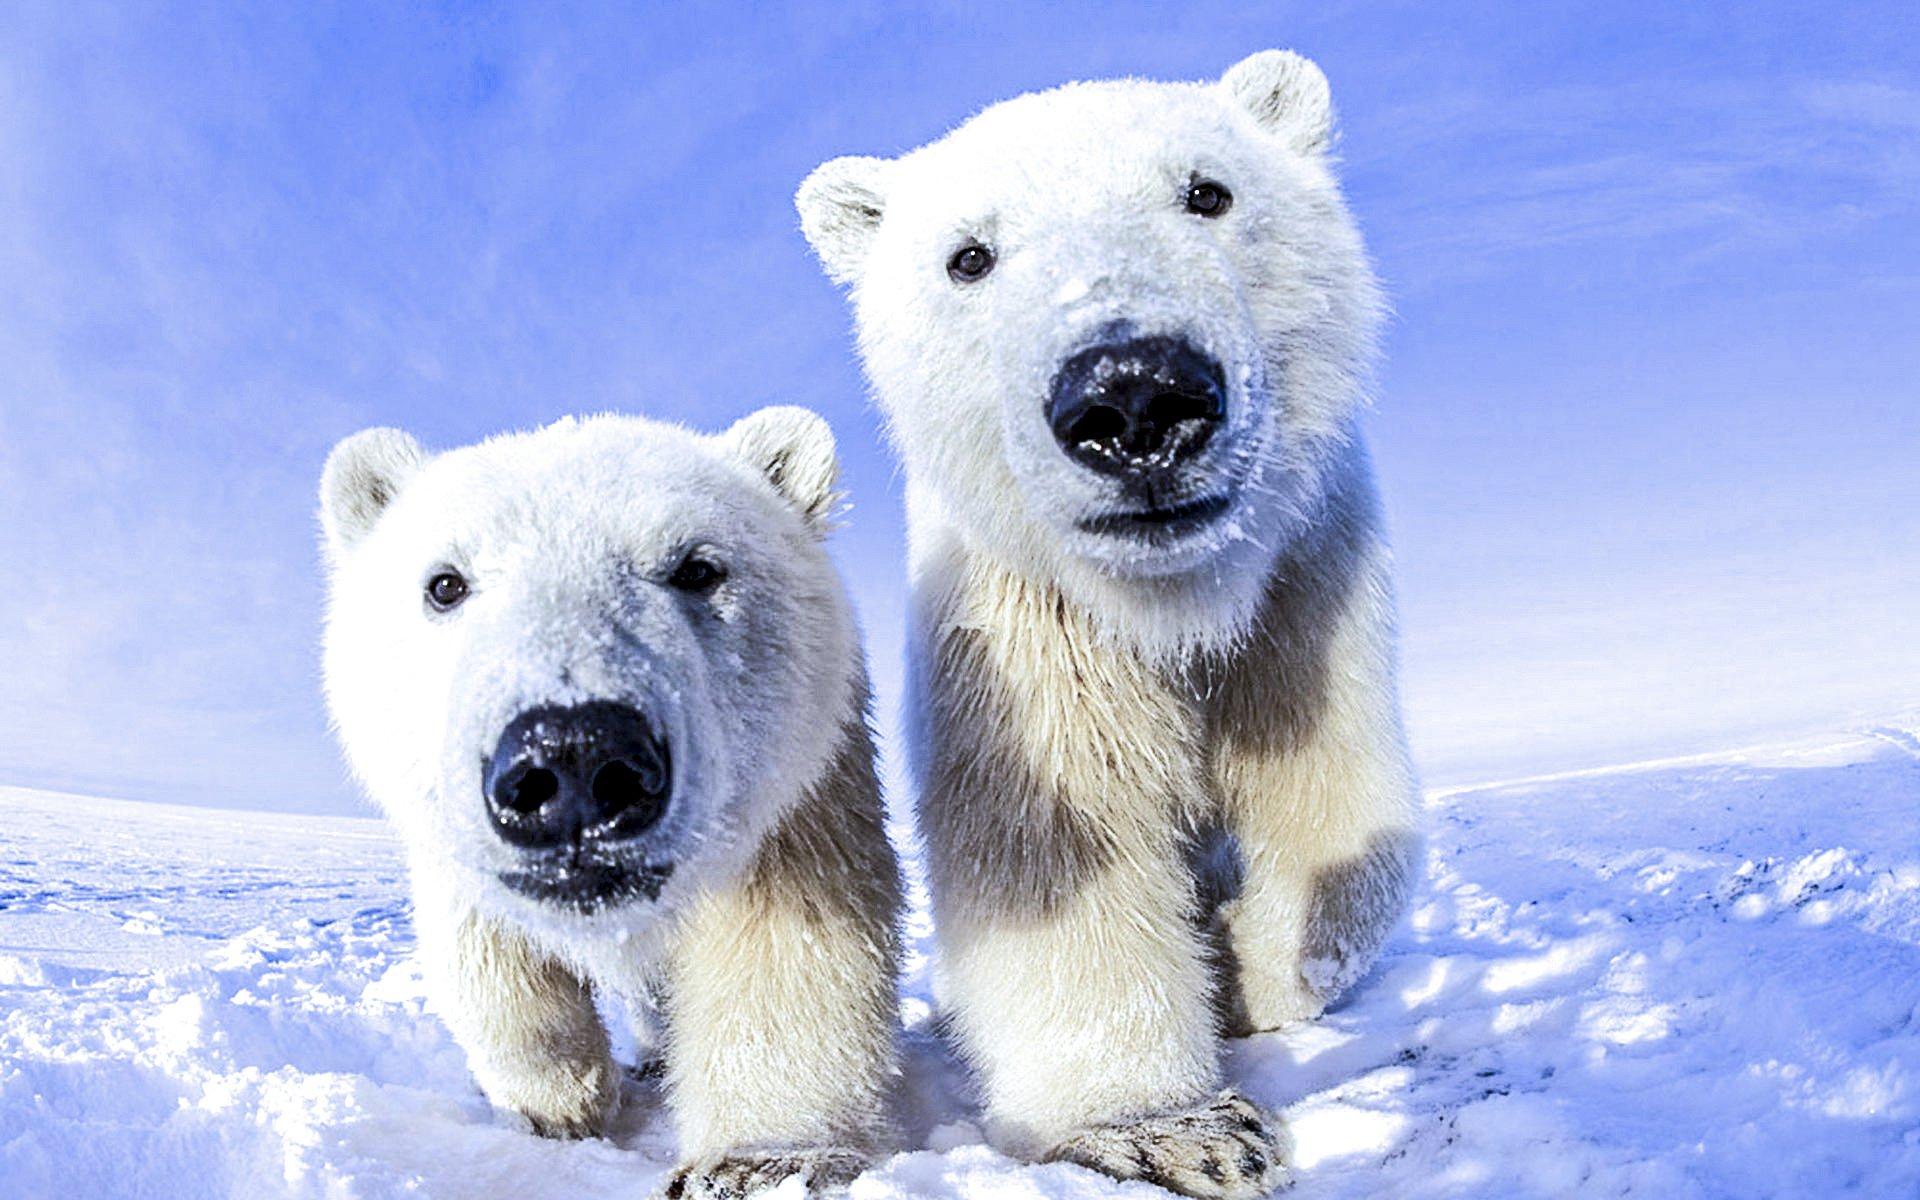 polar bear wallpaper | 1920x1200 | 892887 | wallpaperup